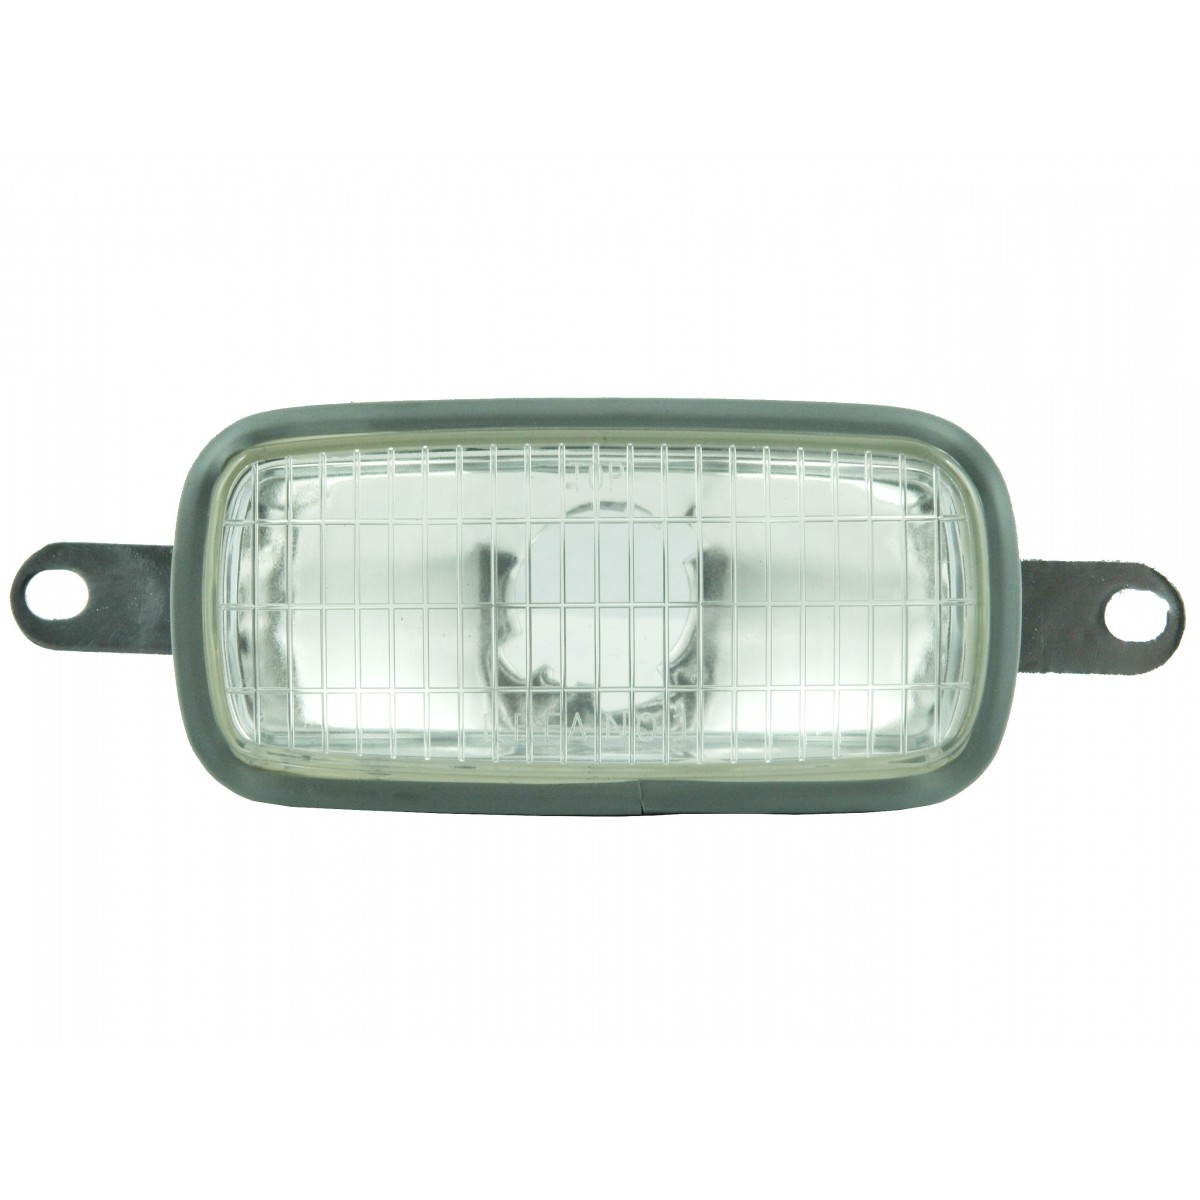 Lamp shade KUBOTA B1400